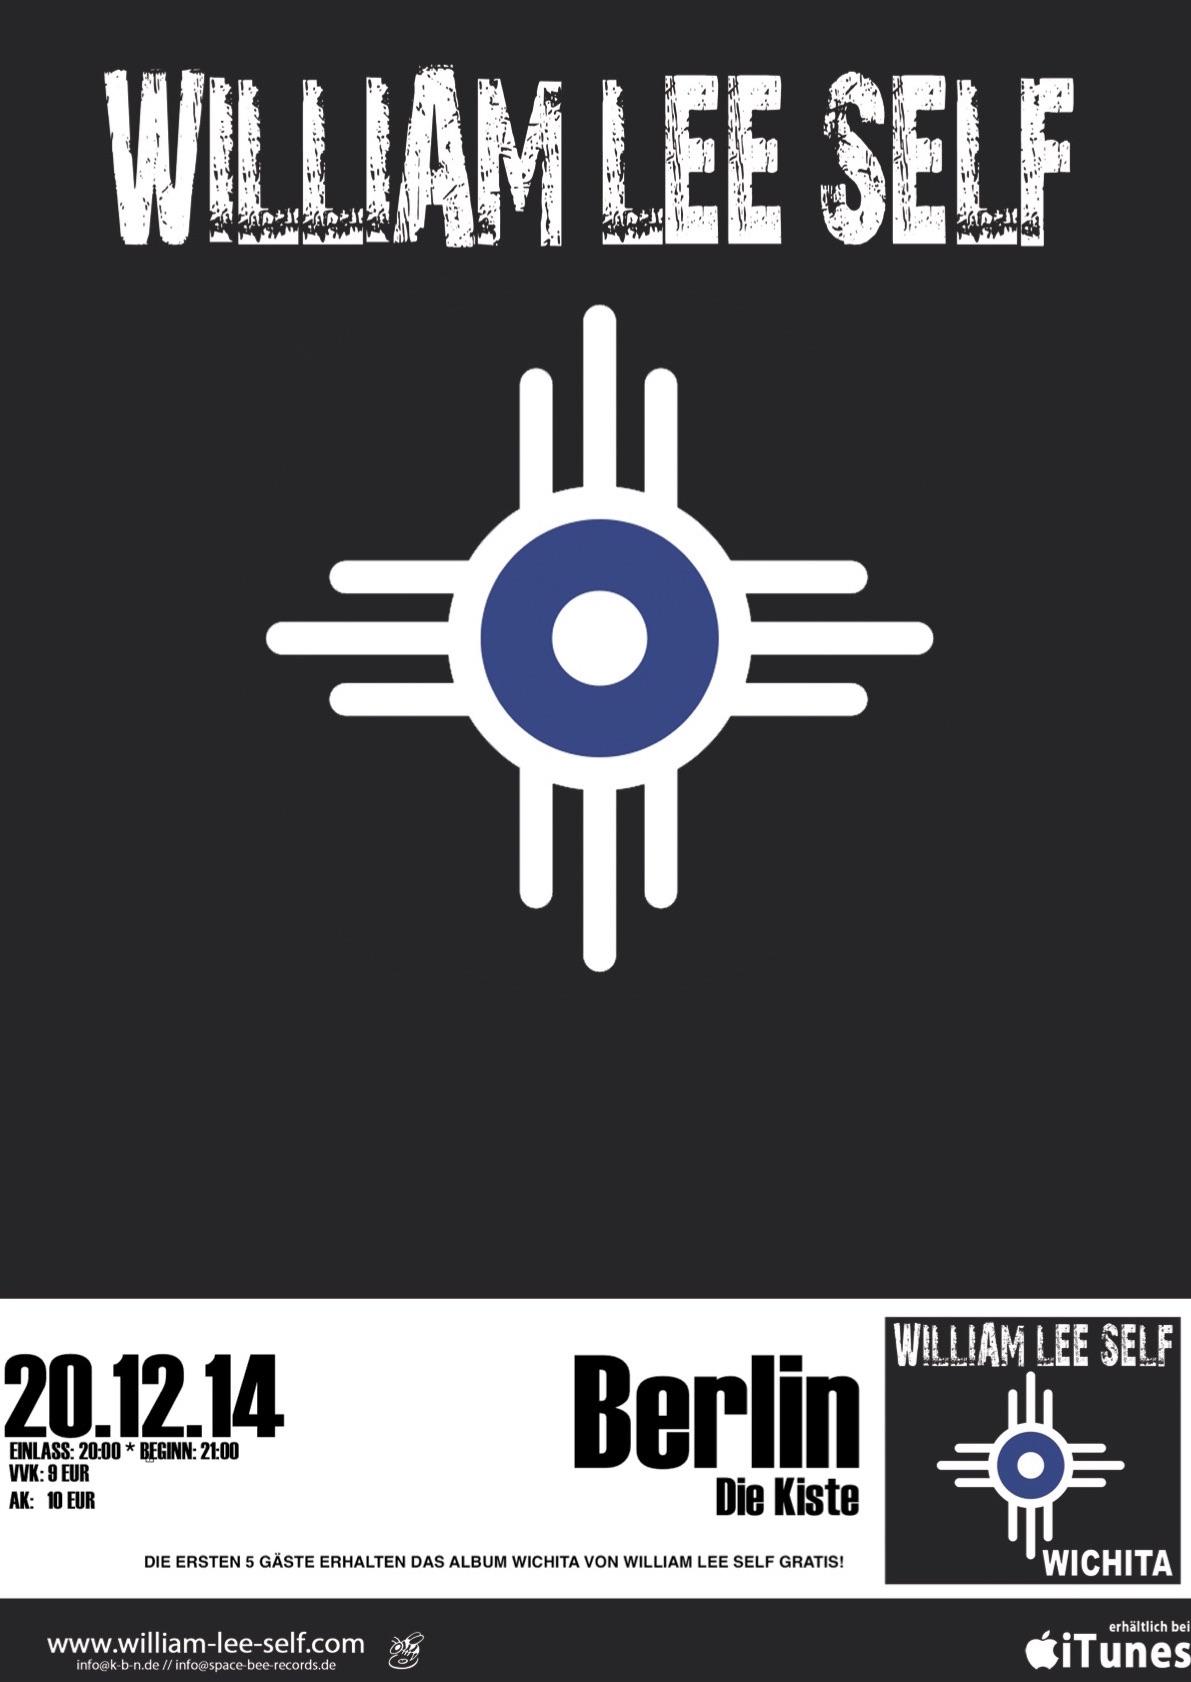 2014 - 12-20 - Plakat die Kiste